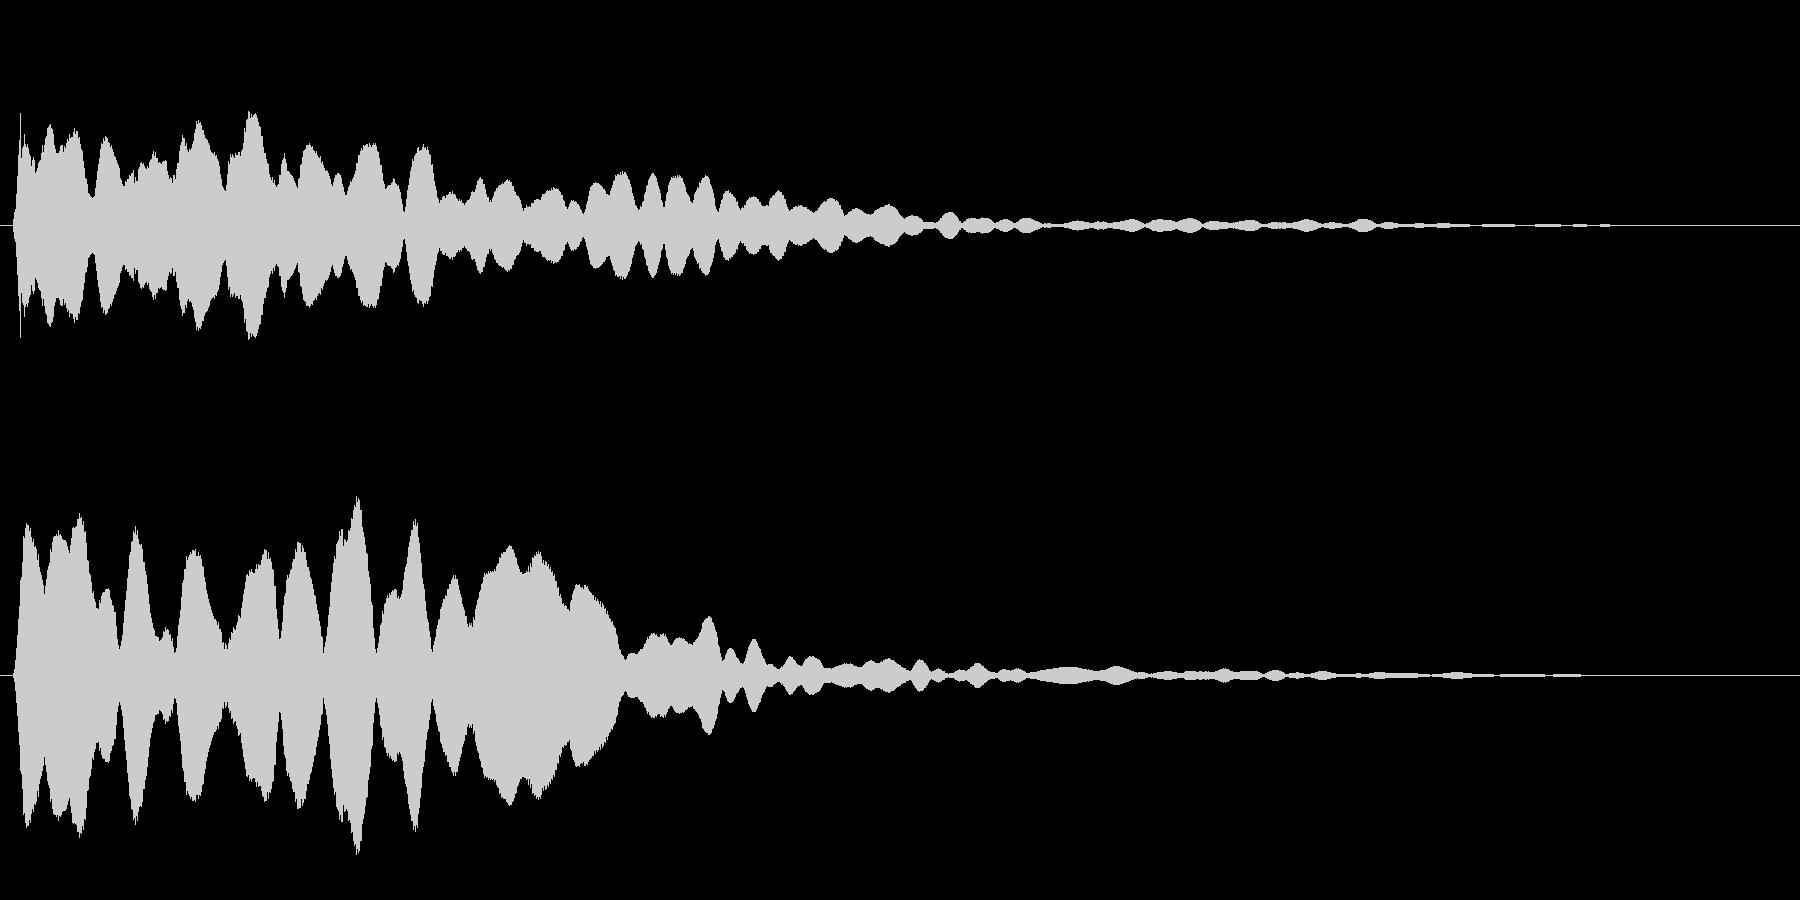 キーンッ (透明感のある高音)の未再生の波形